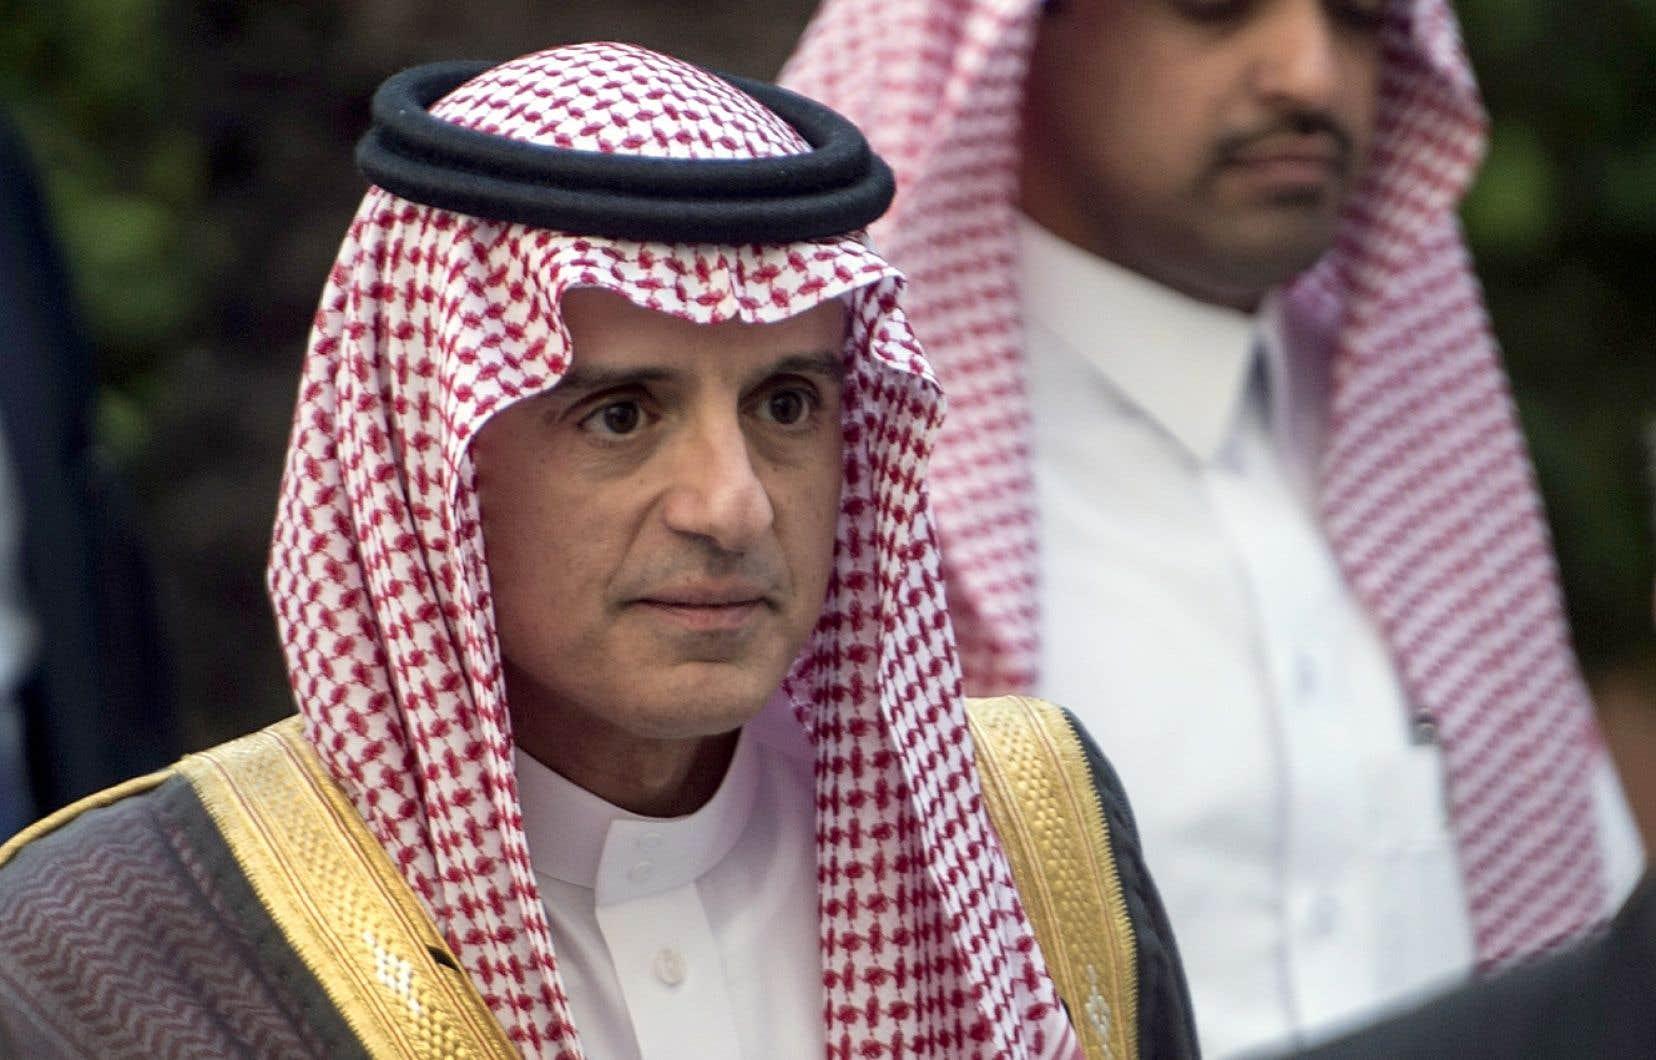 « L'Arabie saoudite ne restera pas les bras croisés face aux agressions de l'Iran », a déclaré le ministre saoudien des Affaires étrangères, Adel al-Jubeir.